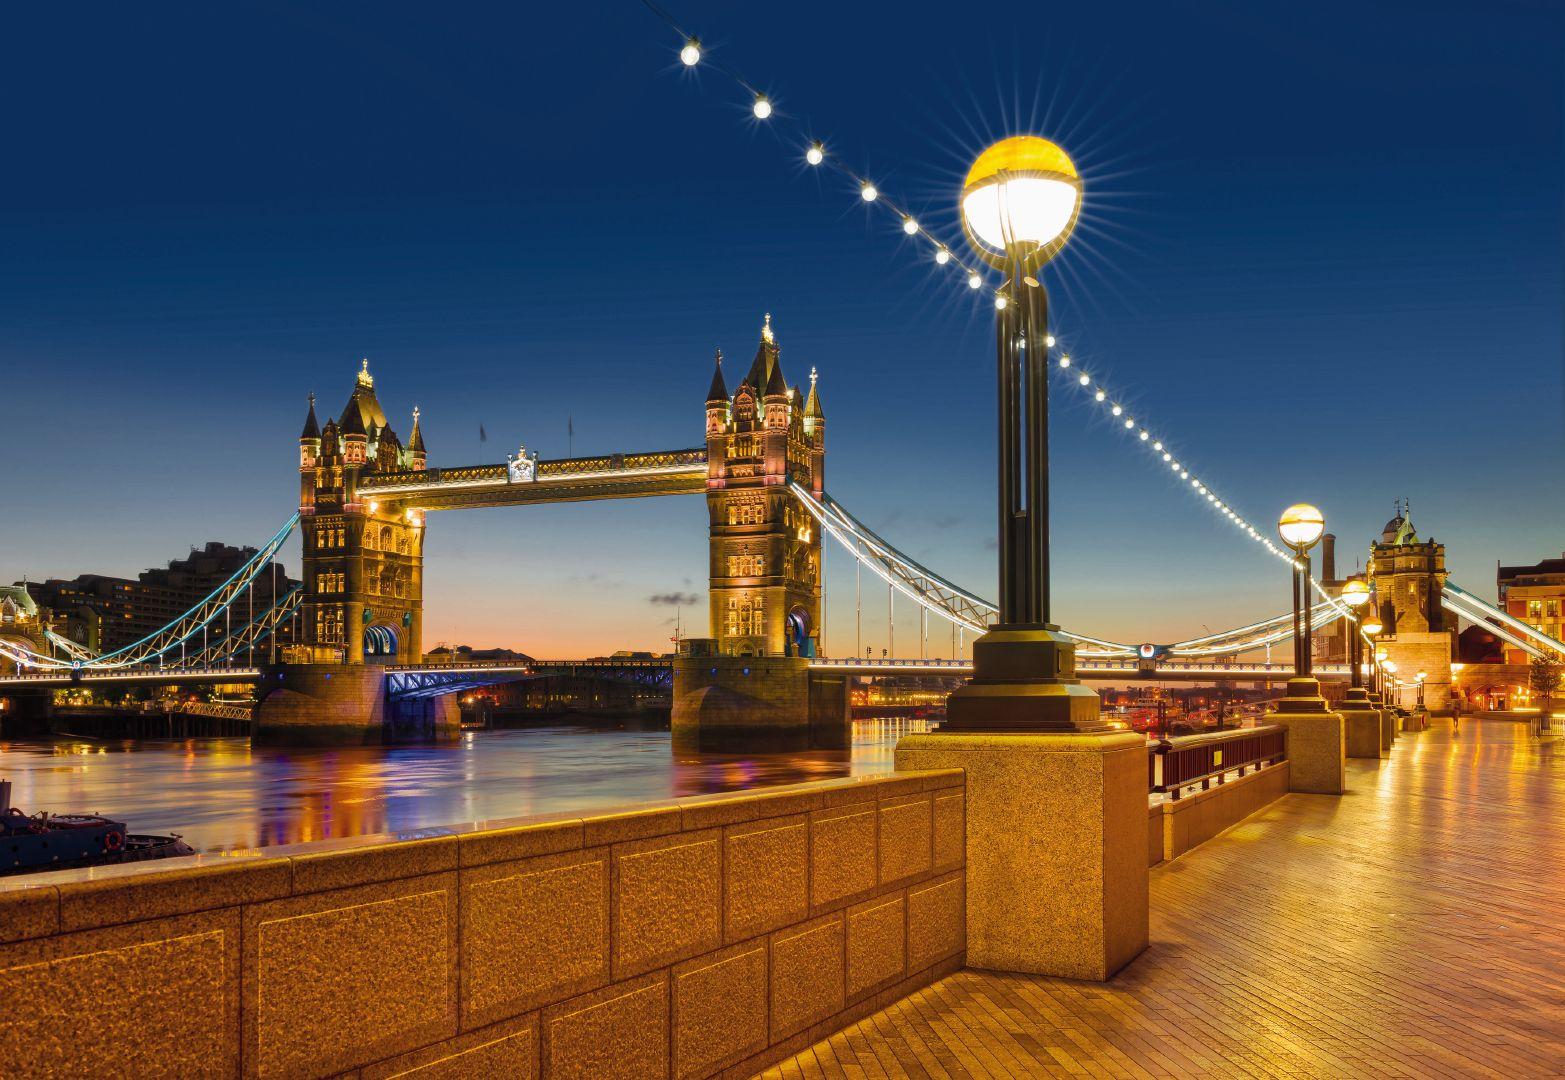 фотообои мост картинки ламп